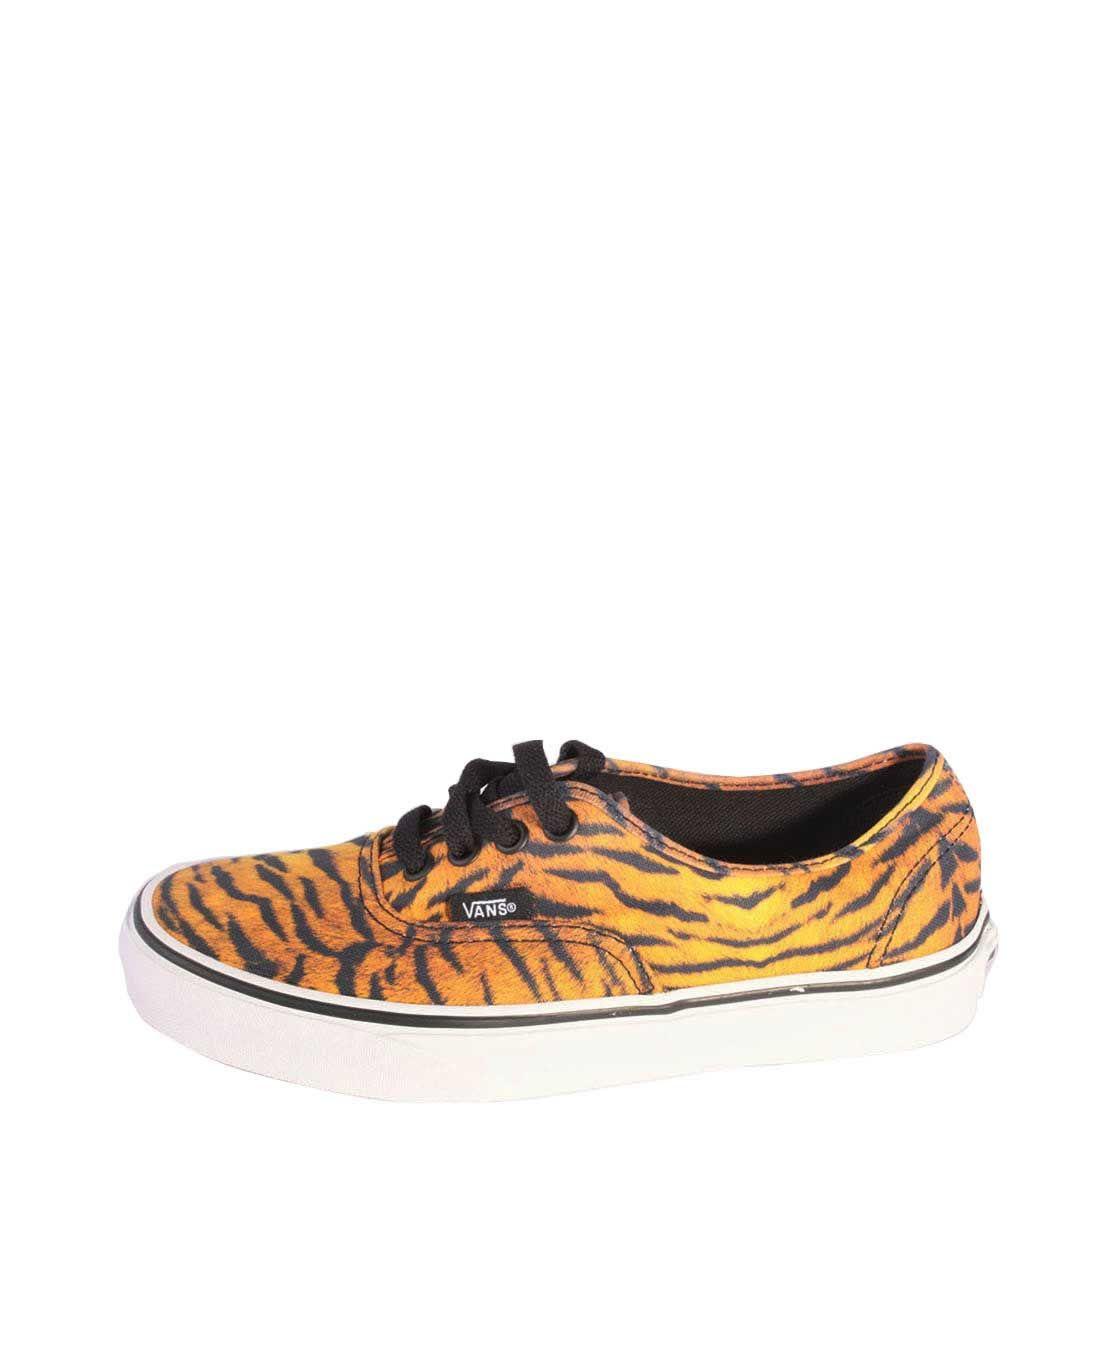 vans tigre